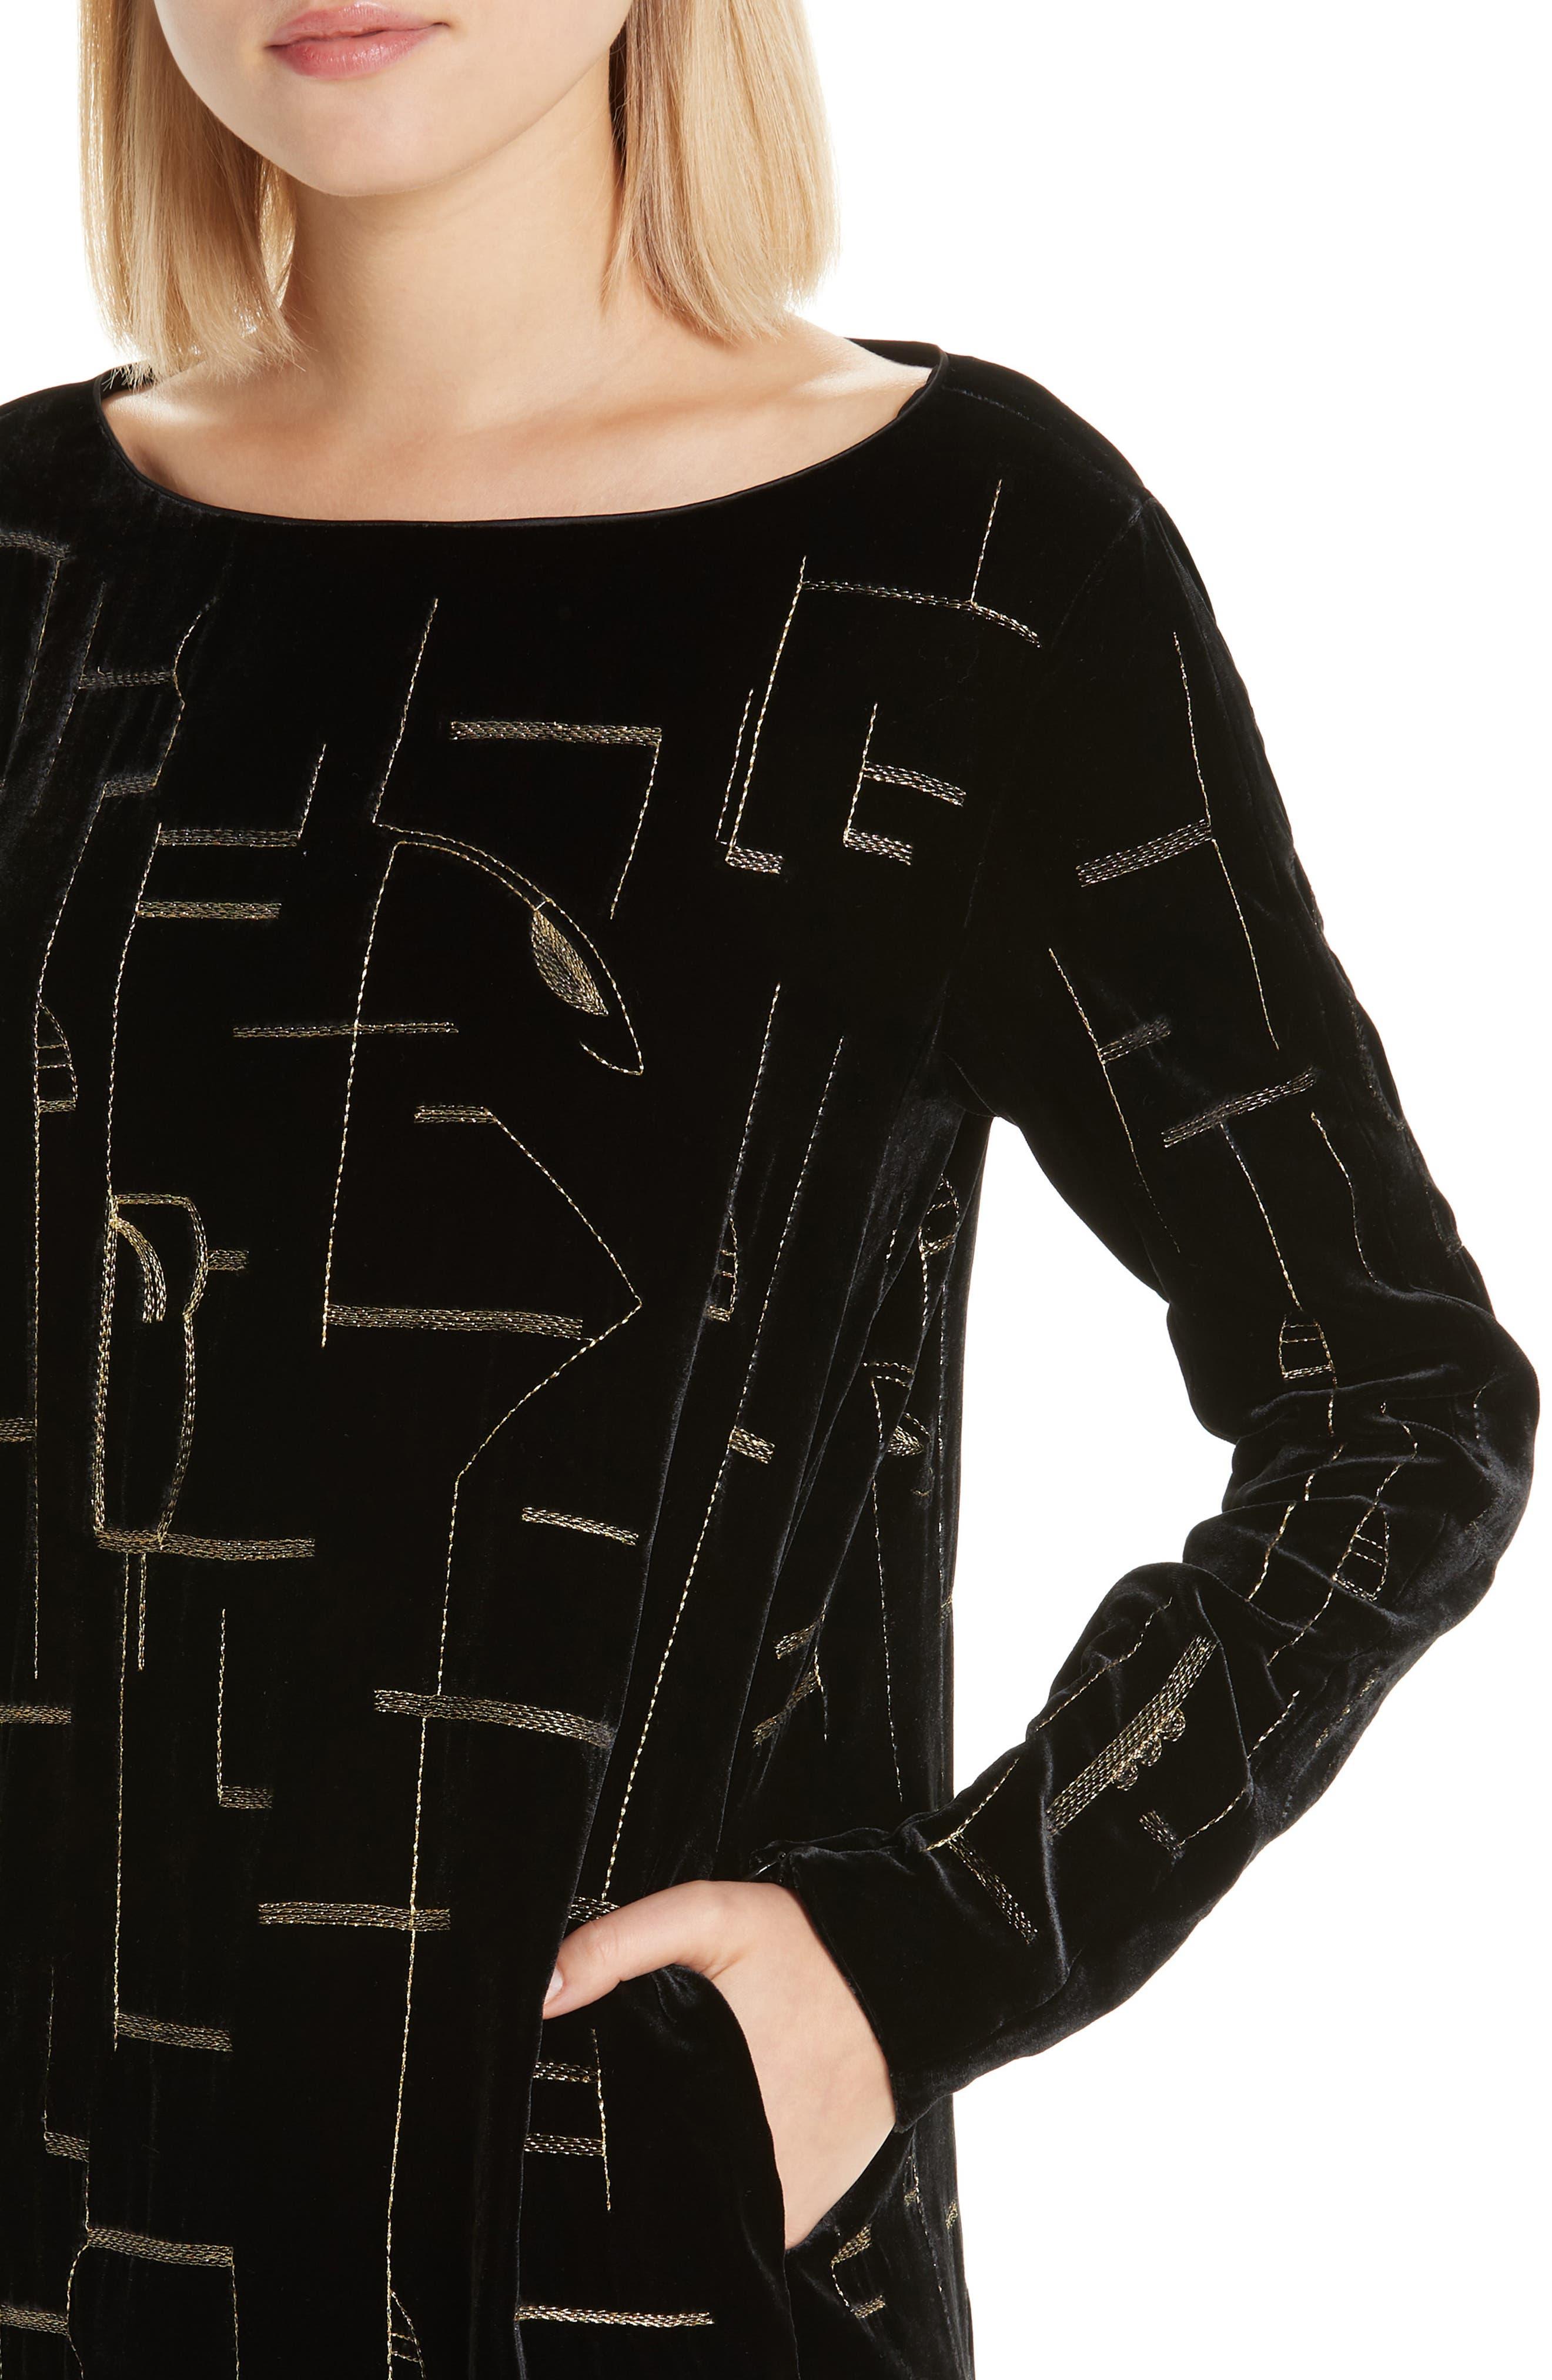 LAFAYETTE 148 NEW YORK,                             Cressida Embellished Velvet Dress,                             Alternate thumbnail 4, color,                             BLACK MULTI